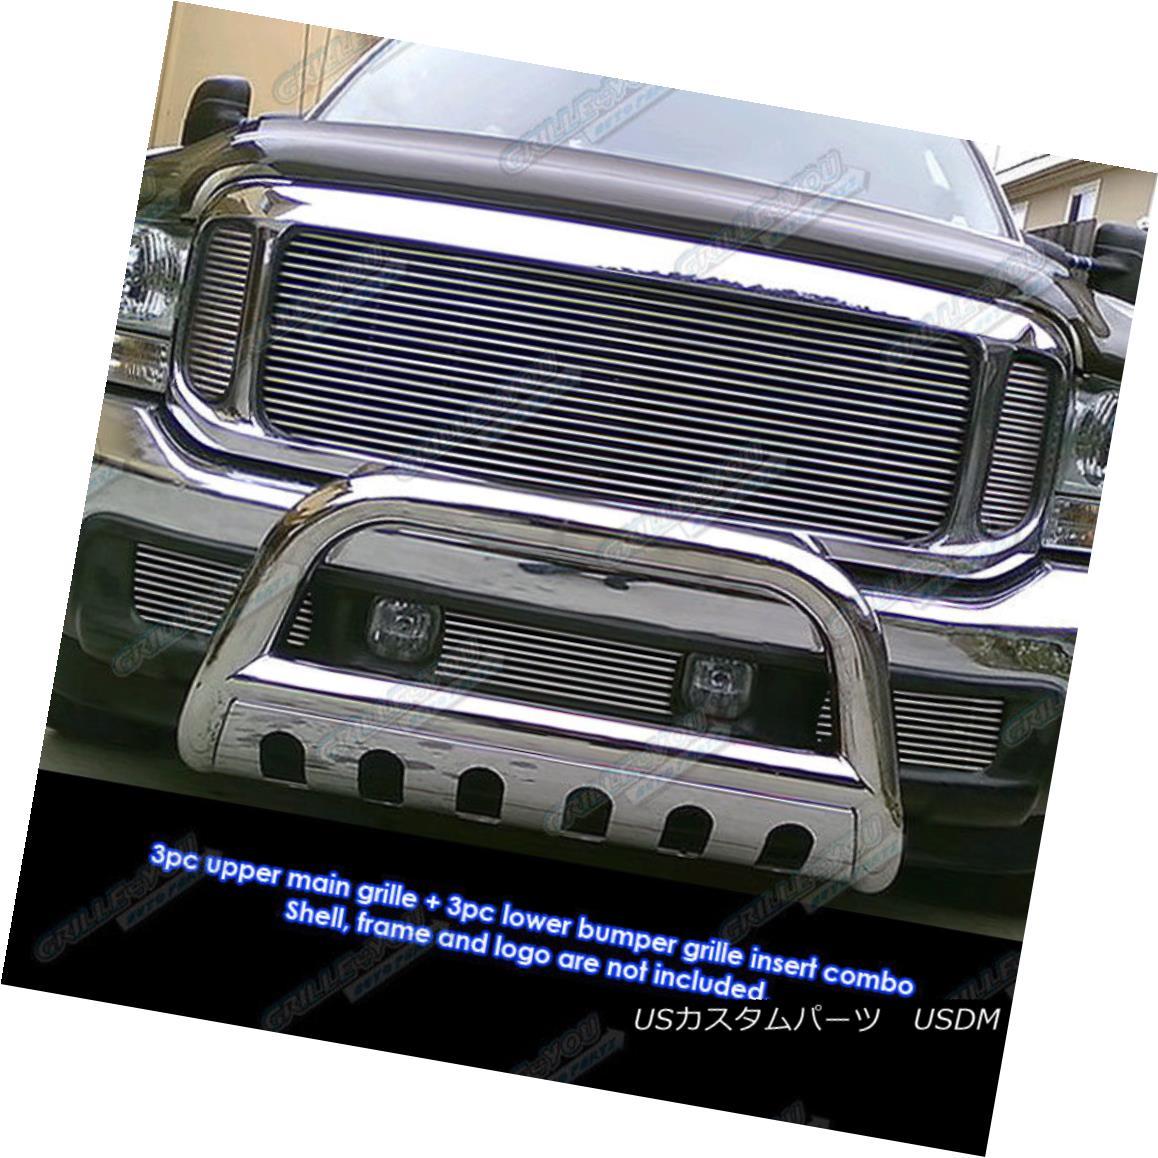 グリル Custom Fits 99-04 Ford F-250/F-350 Super Duty/Excursion Billet Grill Combo カスタムフィット99-04 Ford F-250 / F-350スーパーデューティ/エクスカーションビレットグリルコンボ